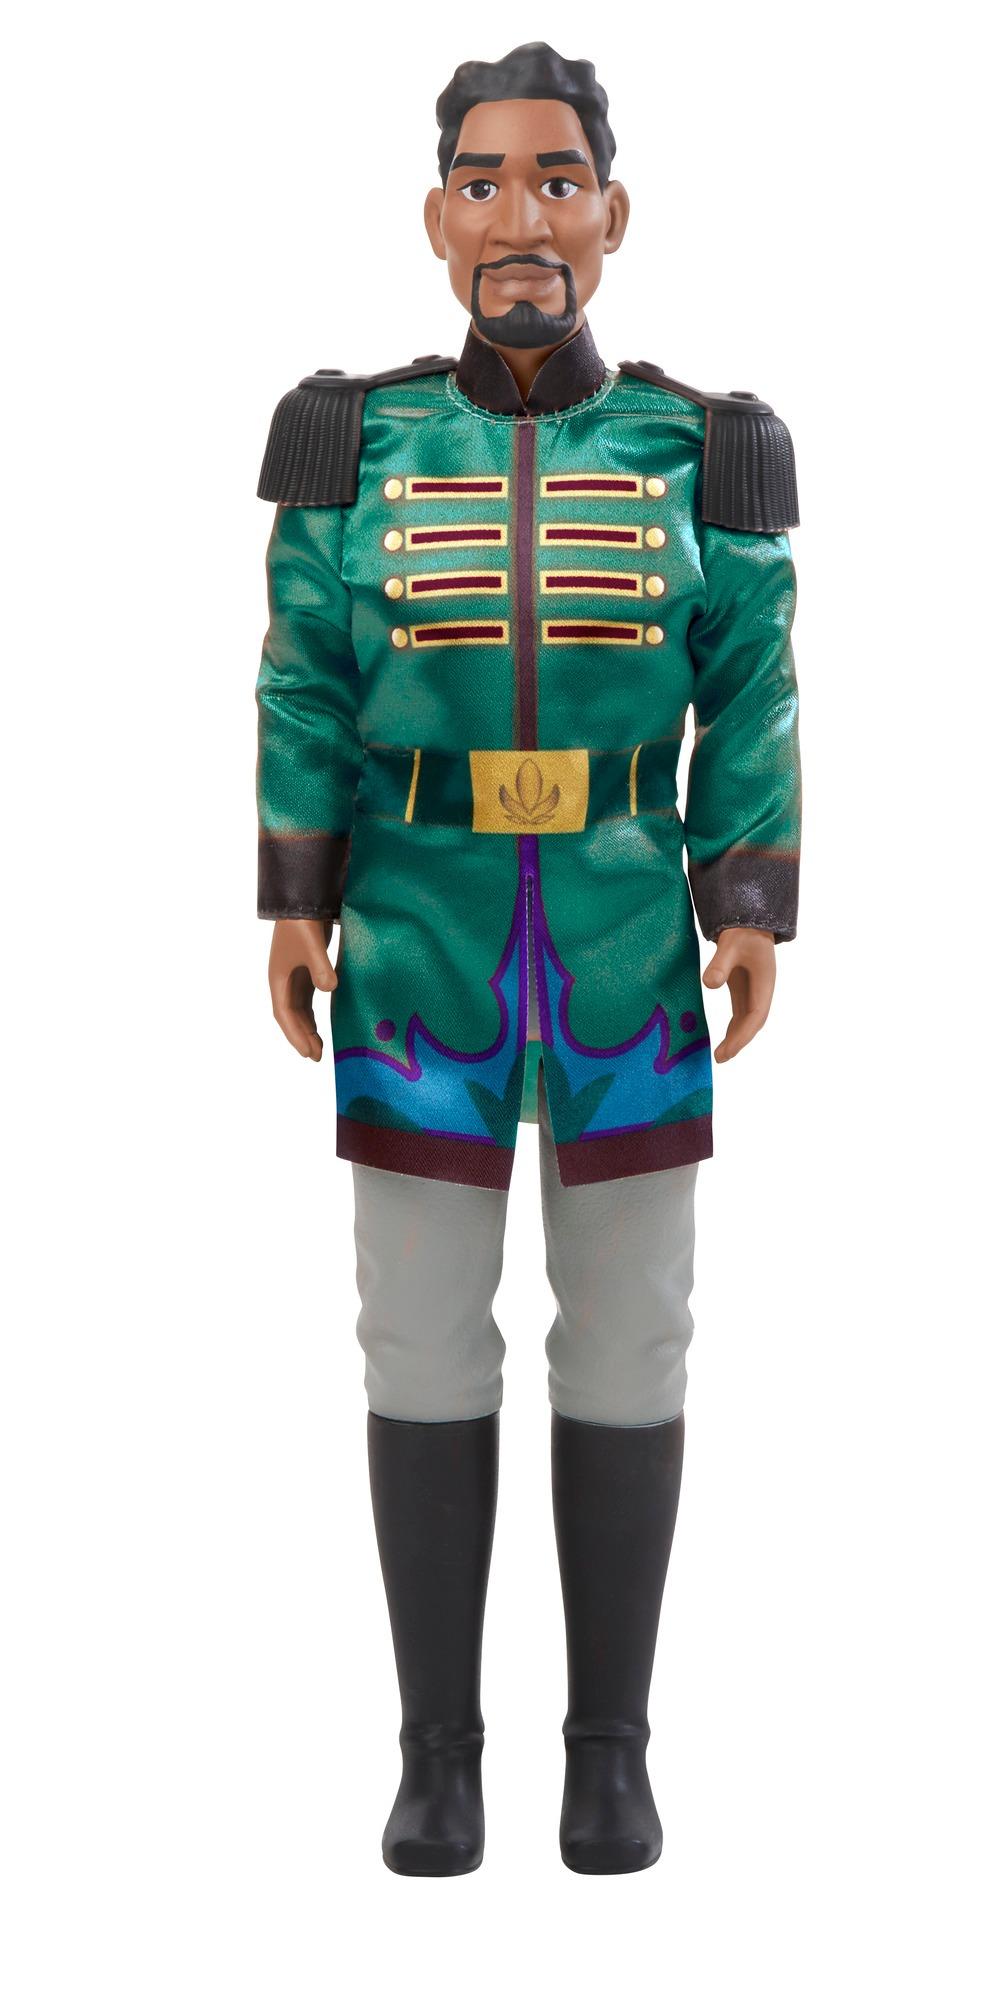 O30 cm Dukke - Mattias